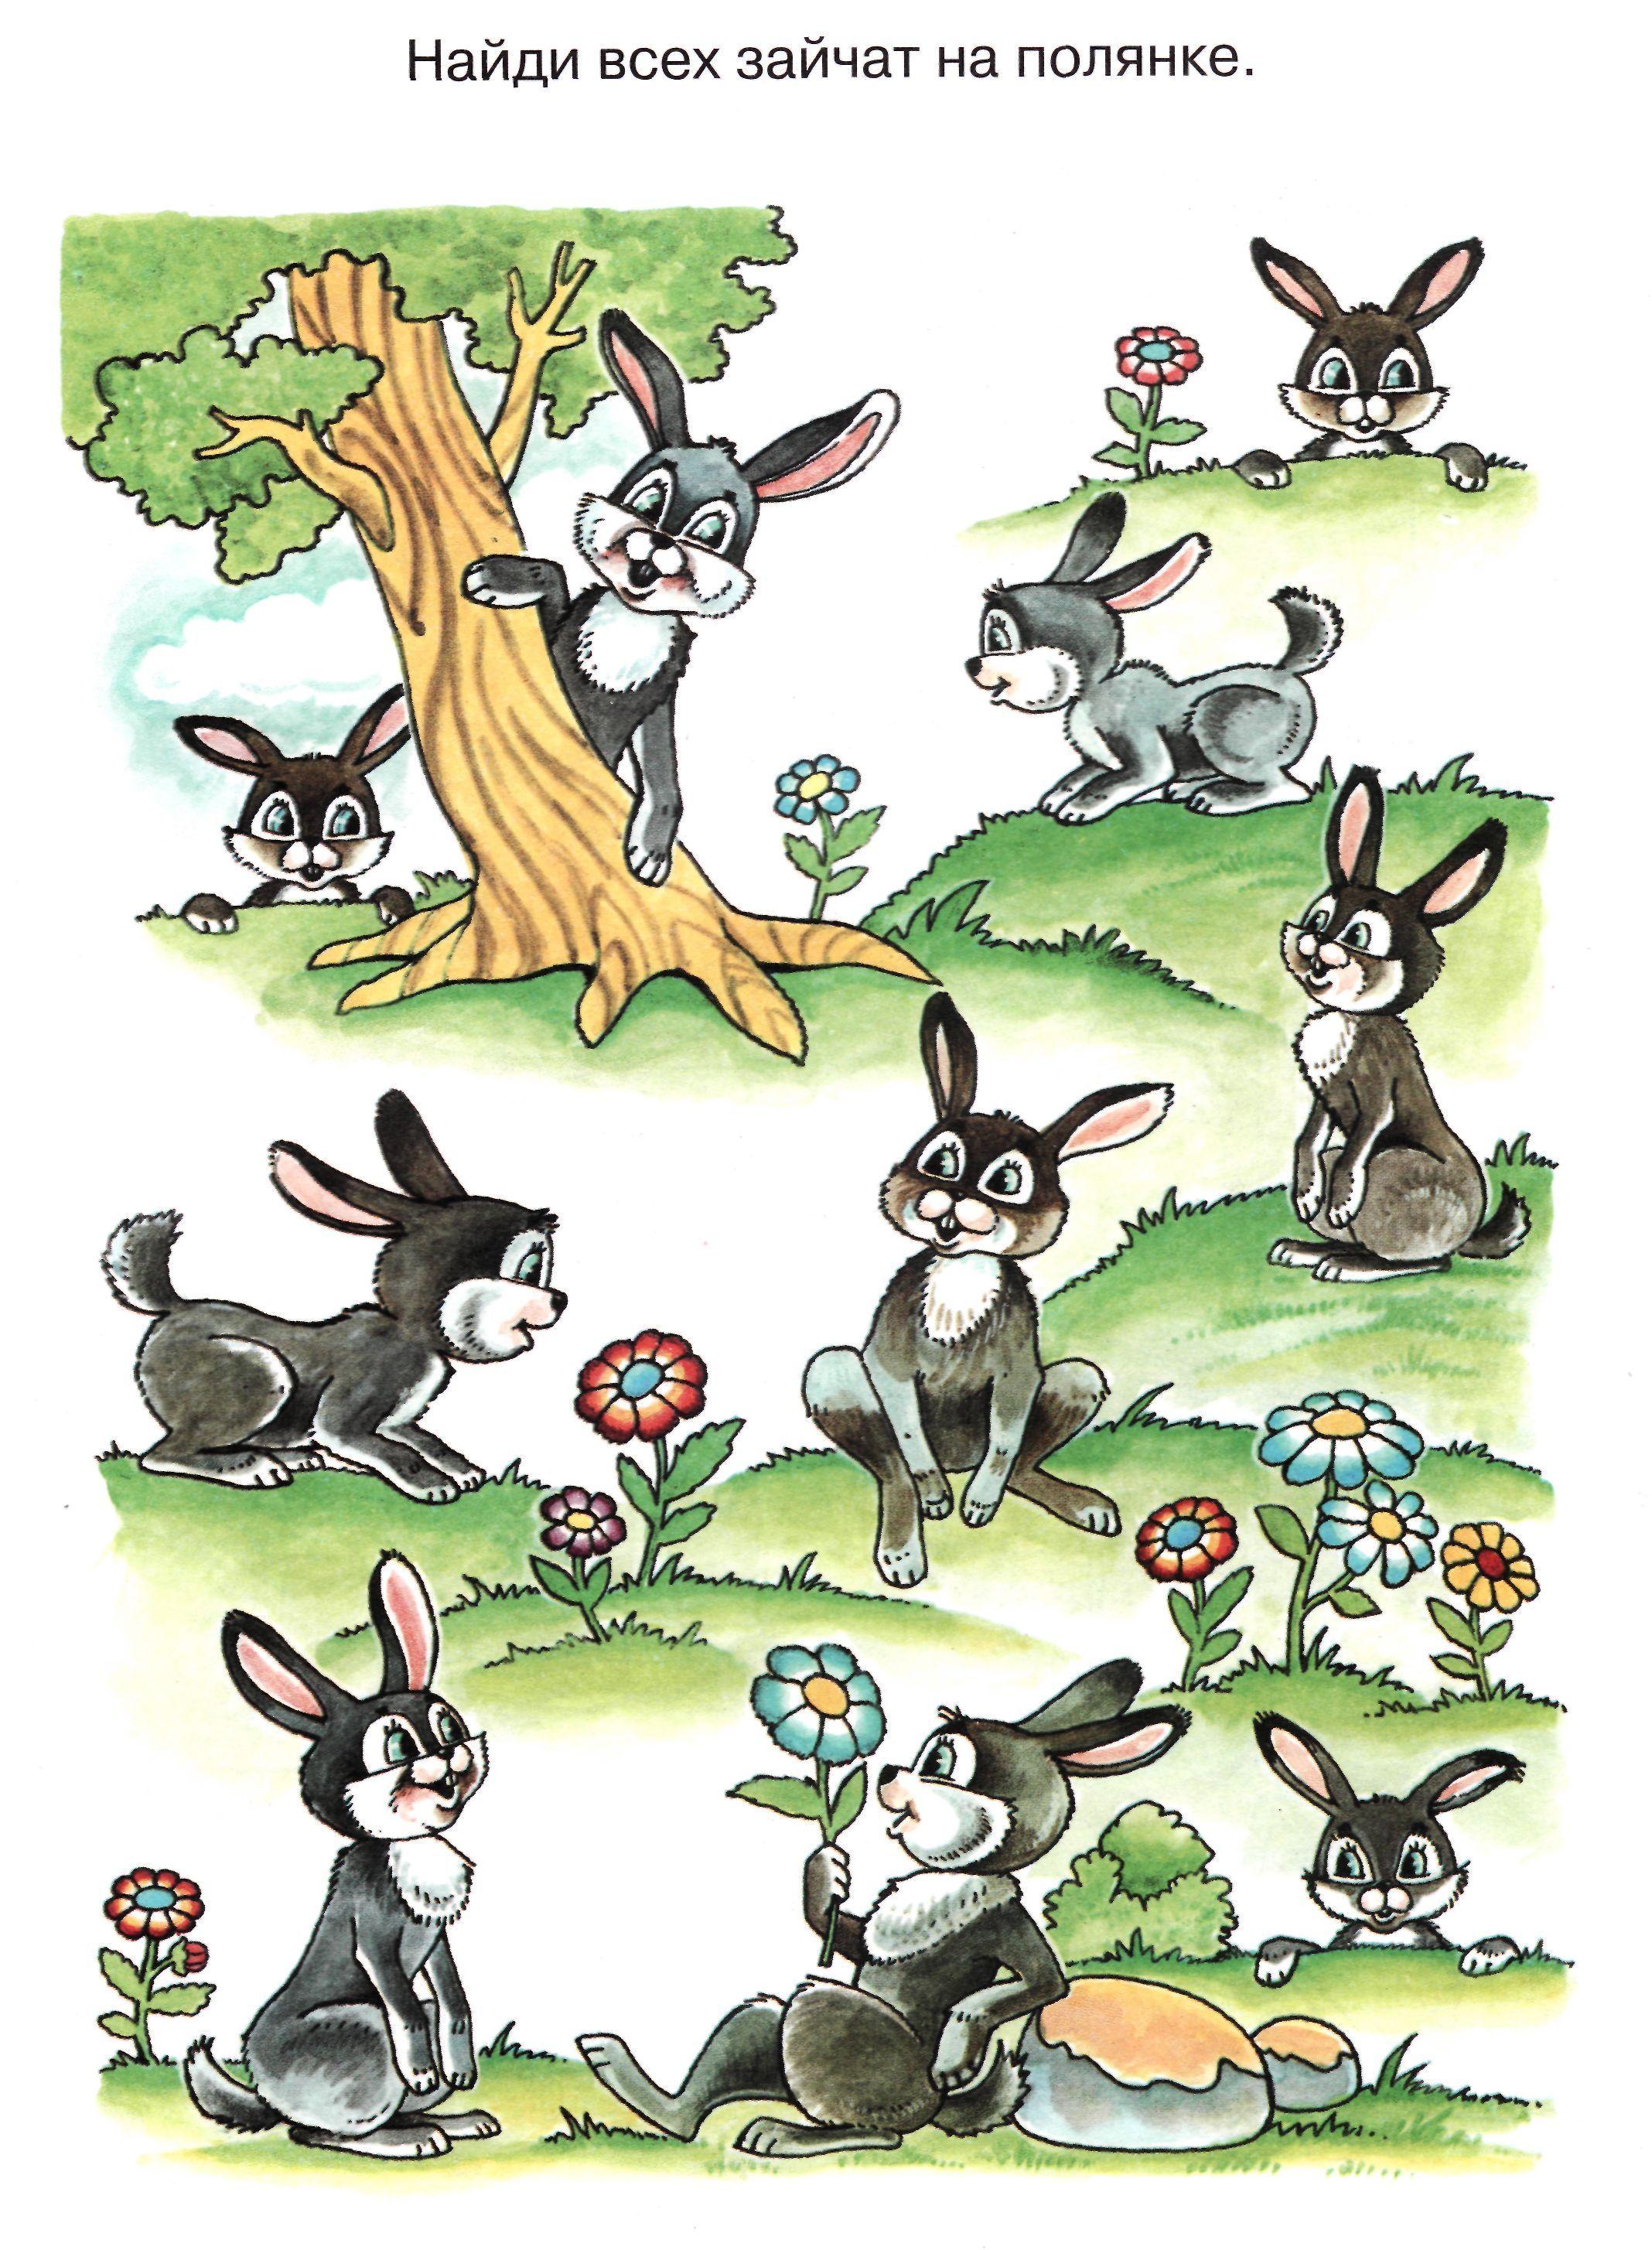 QRC: Найди отличия. Развиваем внимание. | дикие животные | Pinterest ...